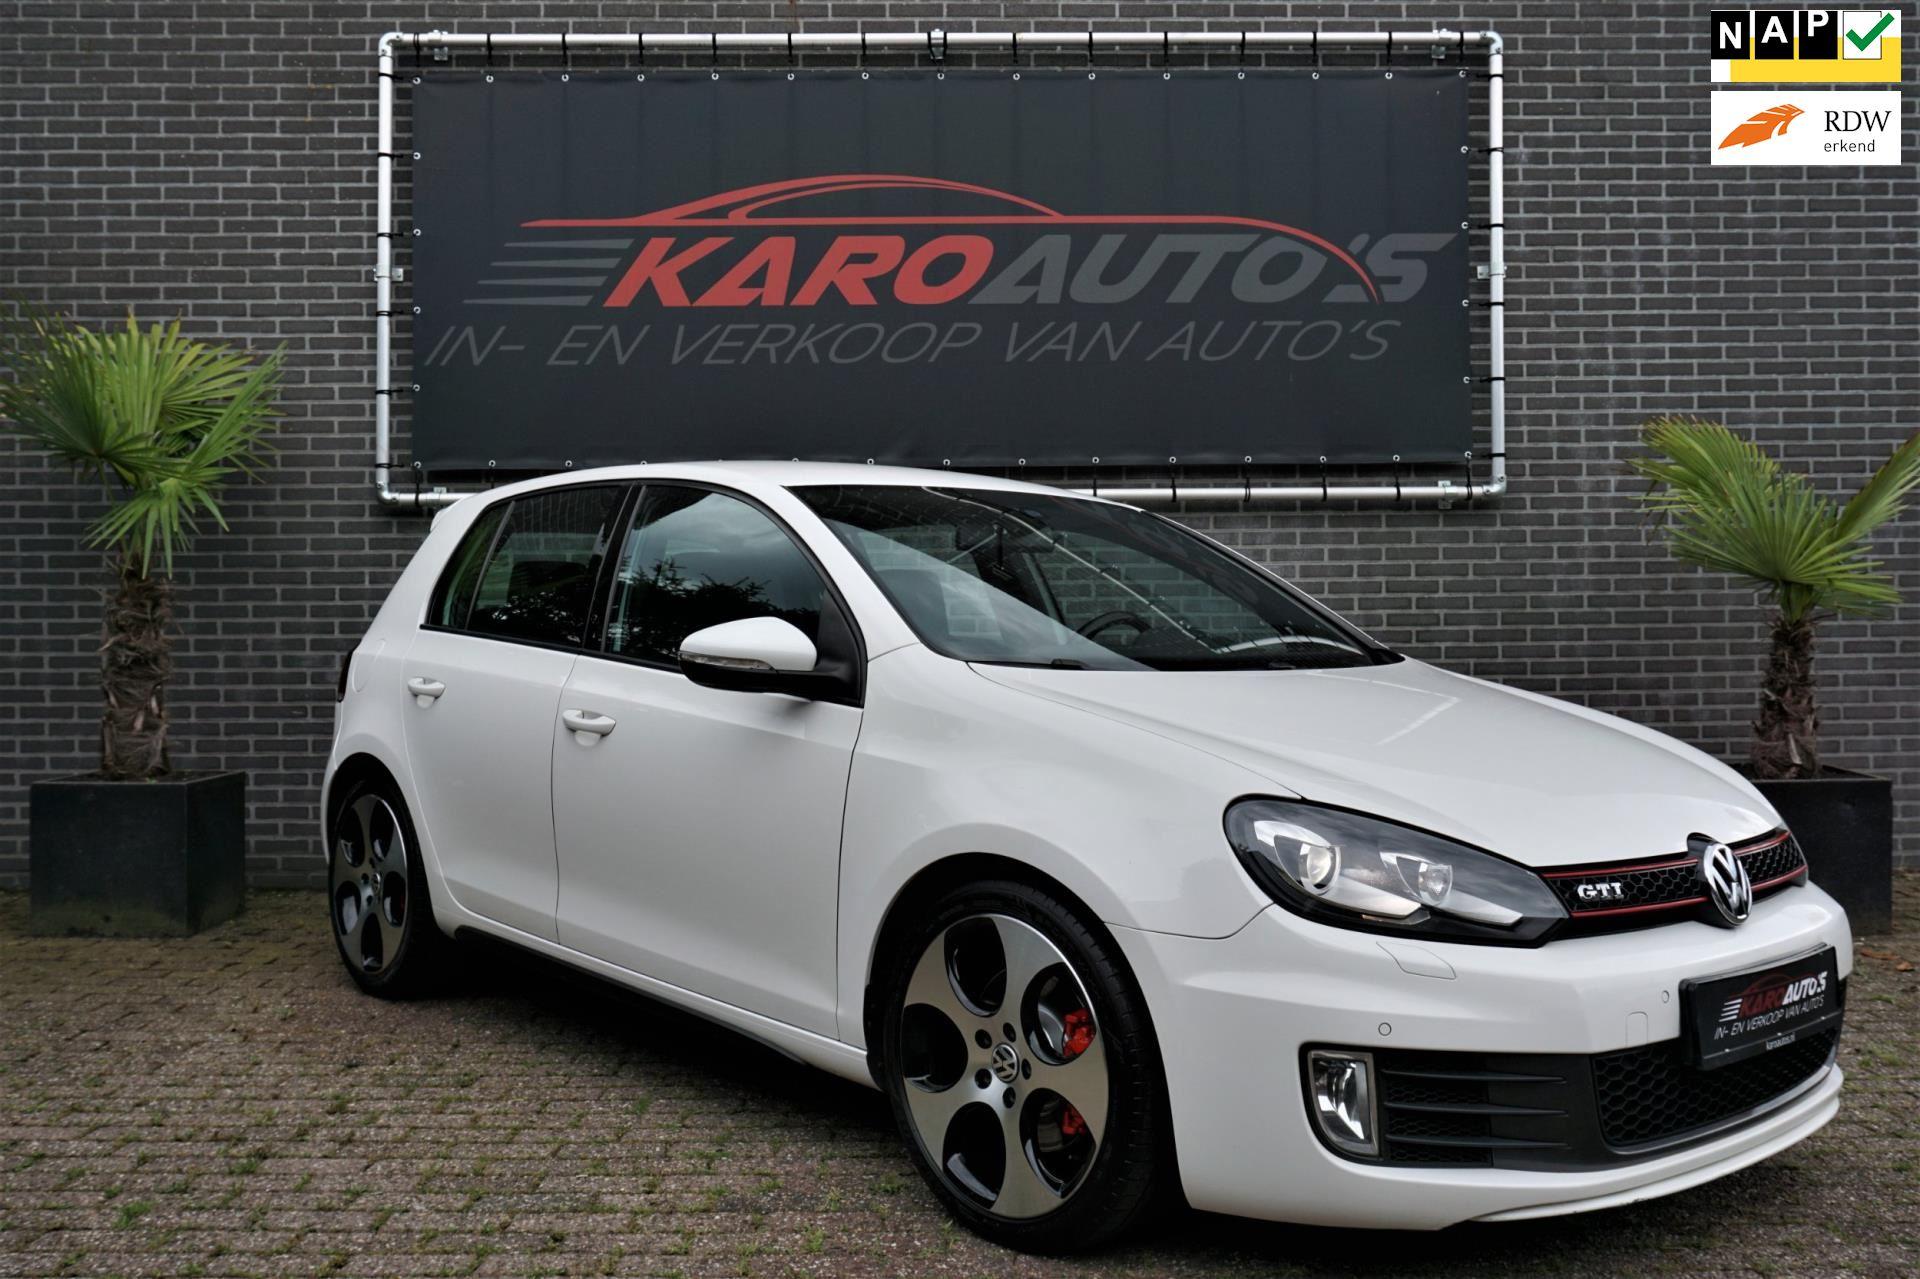 Volkswagen Golf occasion - KARO Auto's